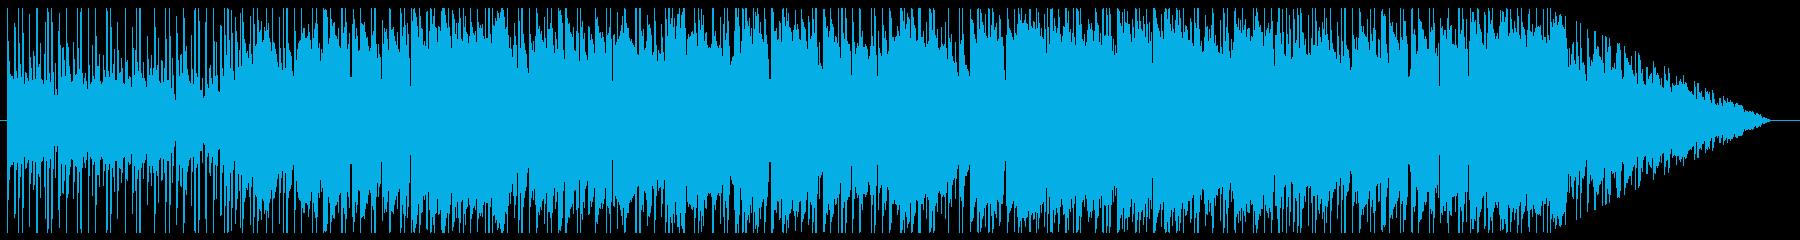 民族調のフィールド曲の再生済みの波形